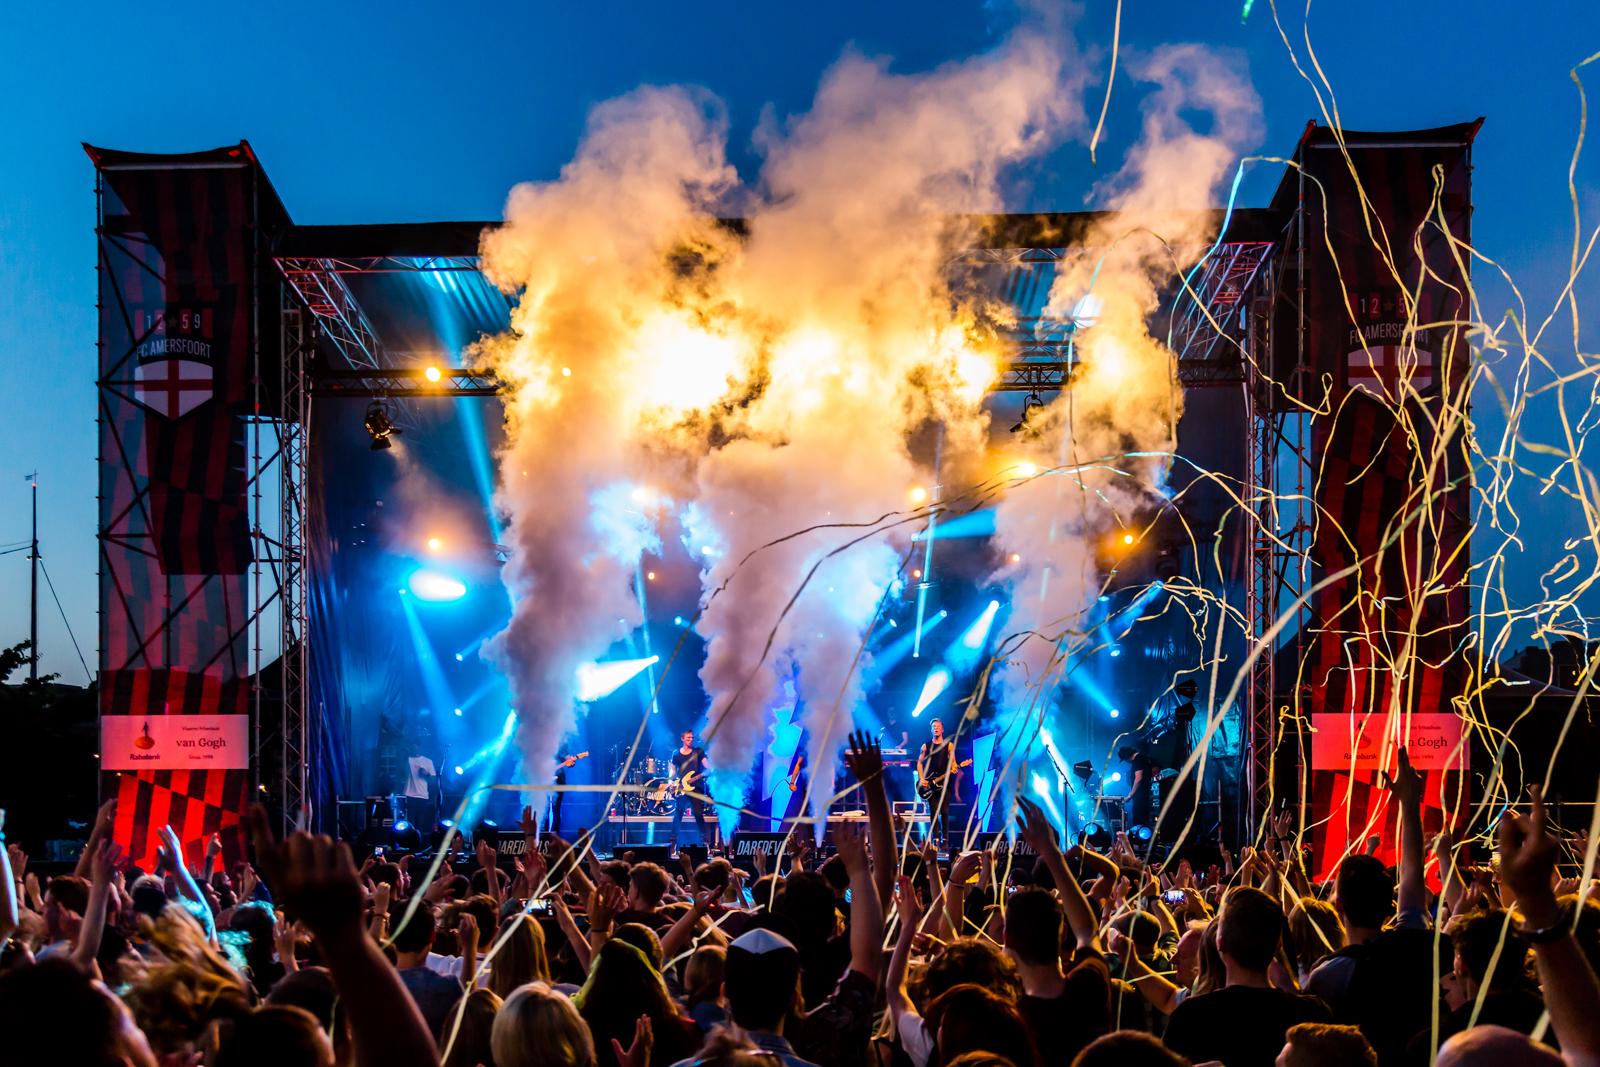 Sfeerimpressie festival voor Smile Licht en Geluid Utrecht b.v.